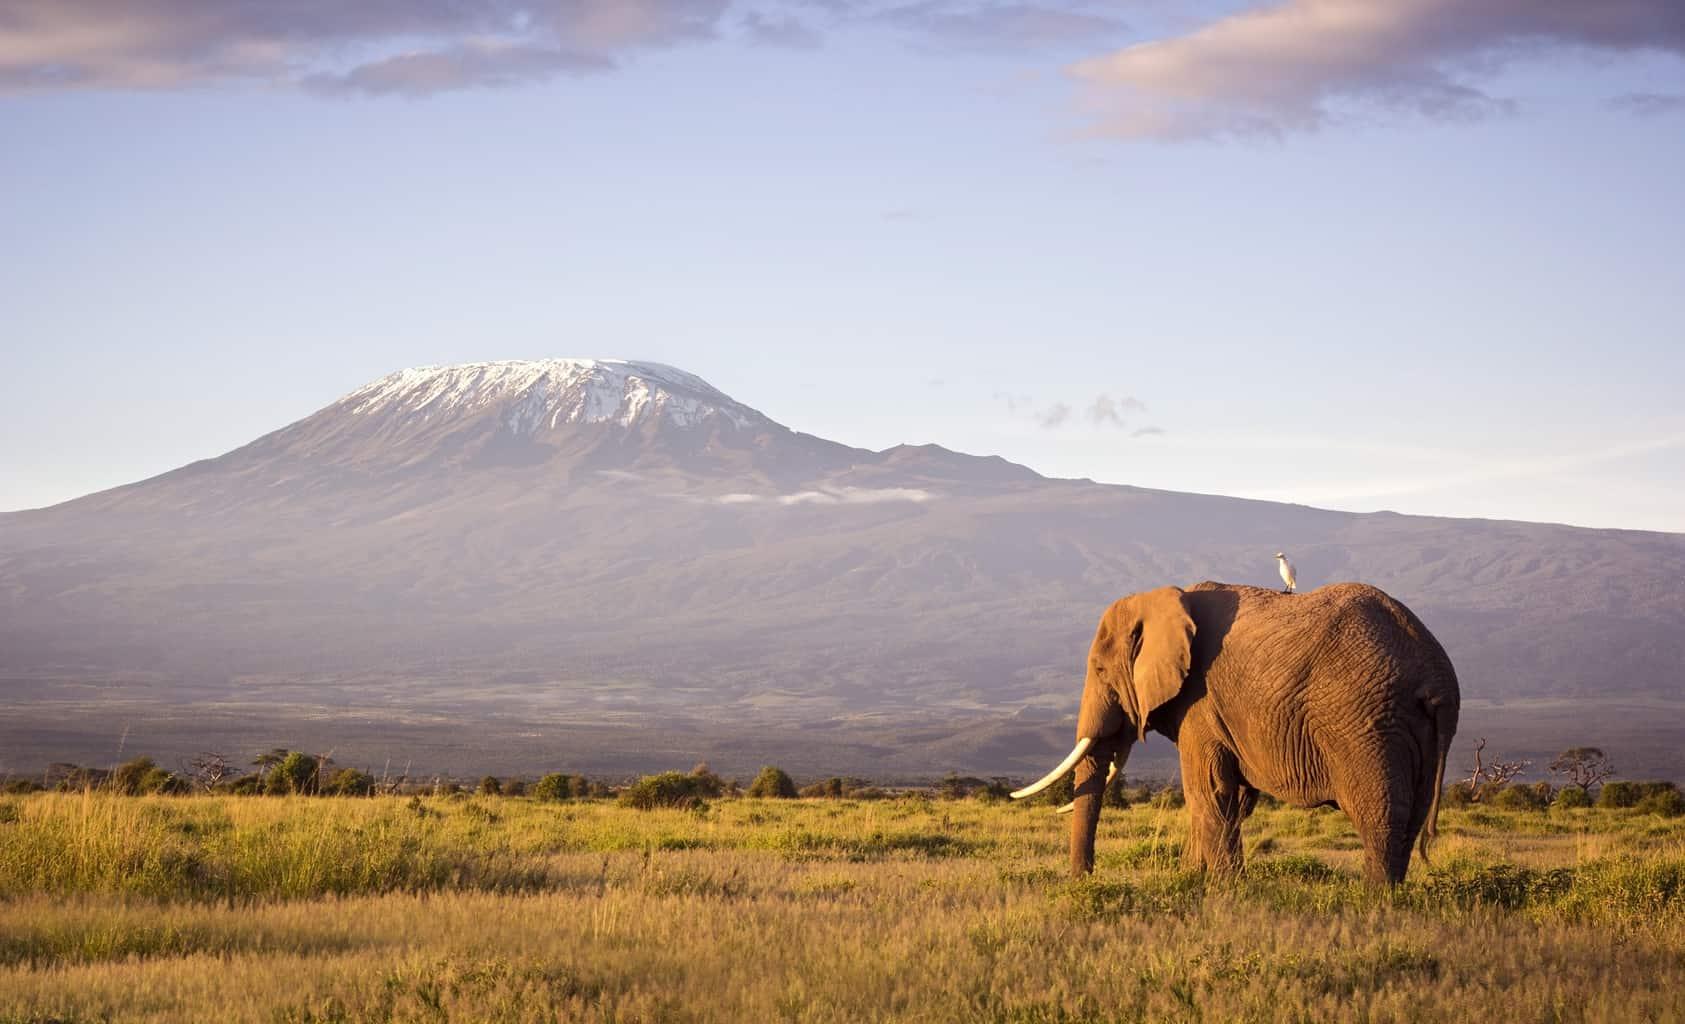 O-Parque-Nacional-de-Amboseli-divide-a-atenção-entre-as-manadas-de-elefantes-e-as-vistas-belíssimas-do-Monte-Kilimanjaro.